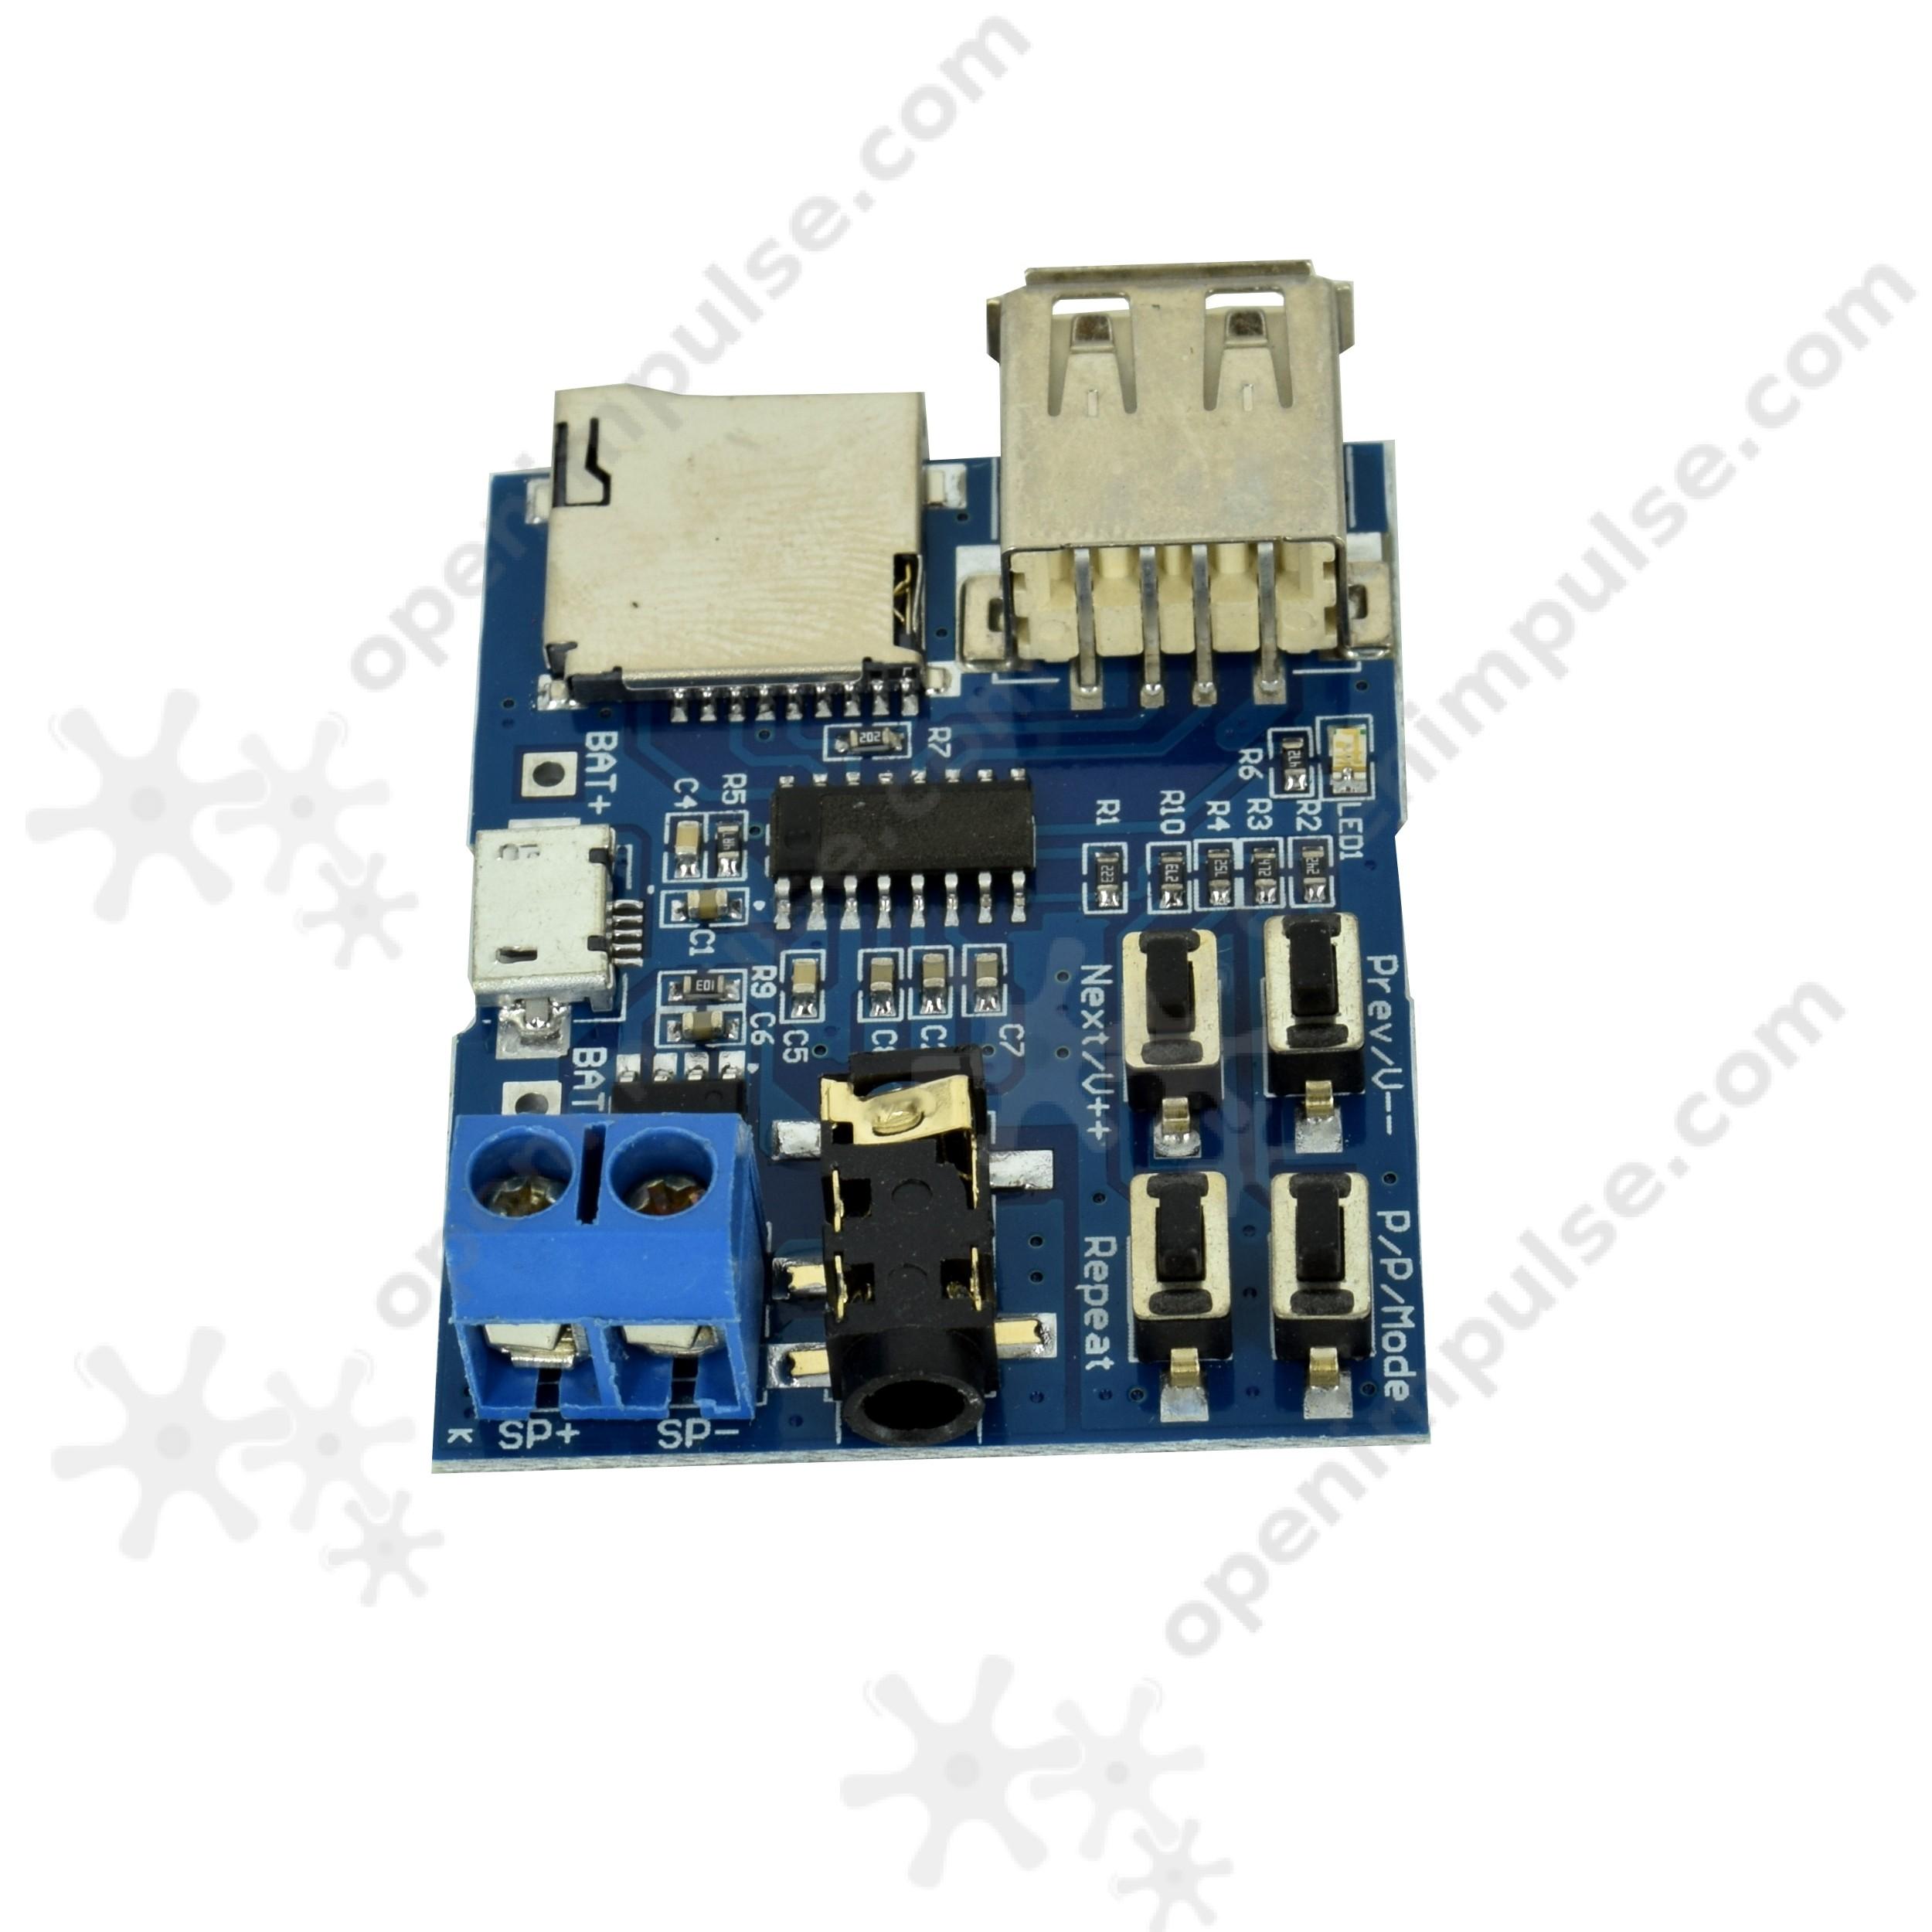 MP3 Player Module with 2W Onboard Amplifier | Open ImpulseOpen Impulse